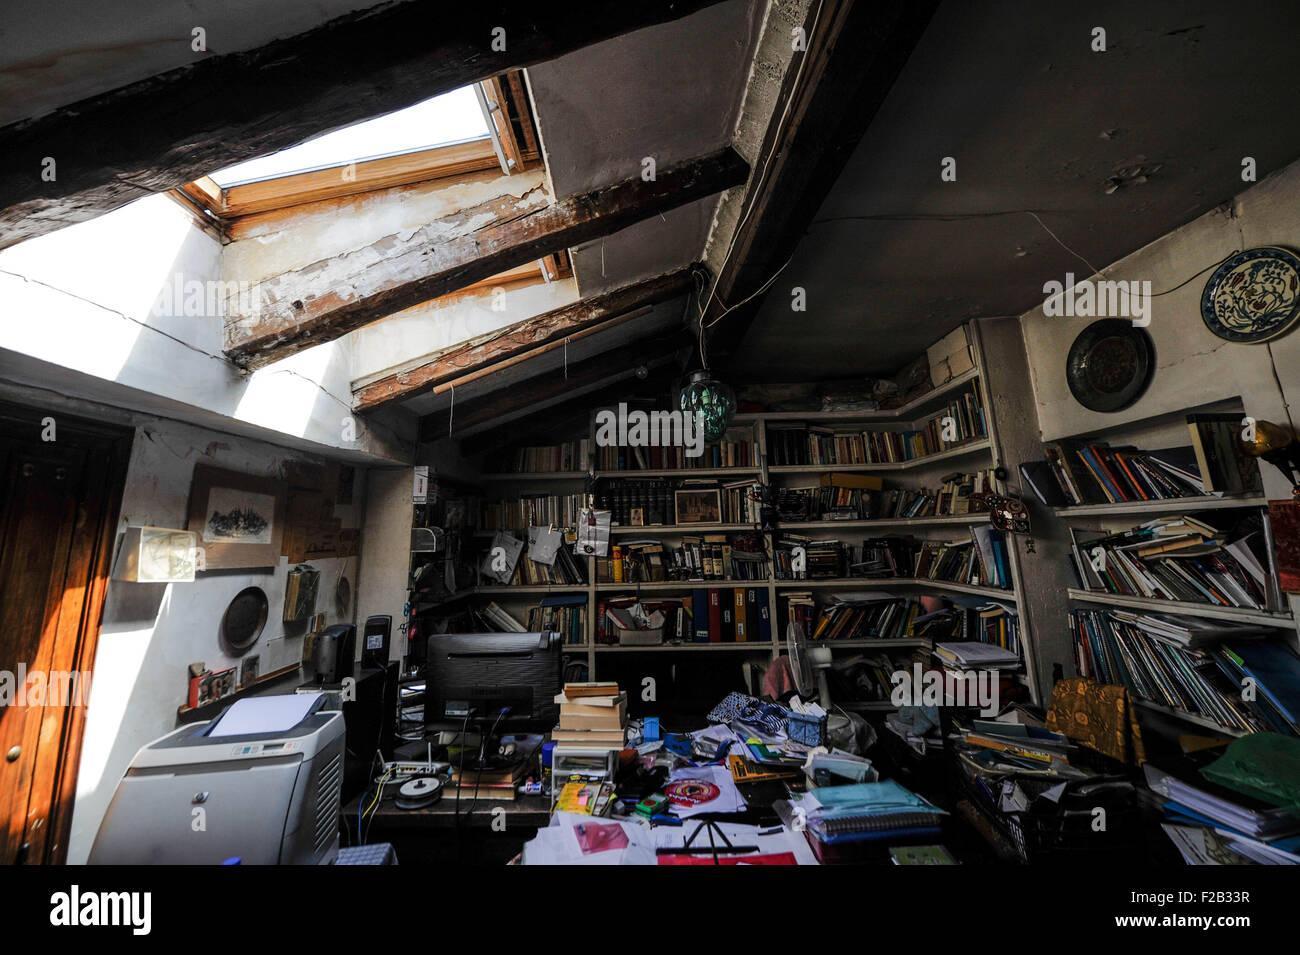 Un estudio en una buhardilla con tragaluz- ONU estudio en un ático con claraboya Imagen De Stock